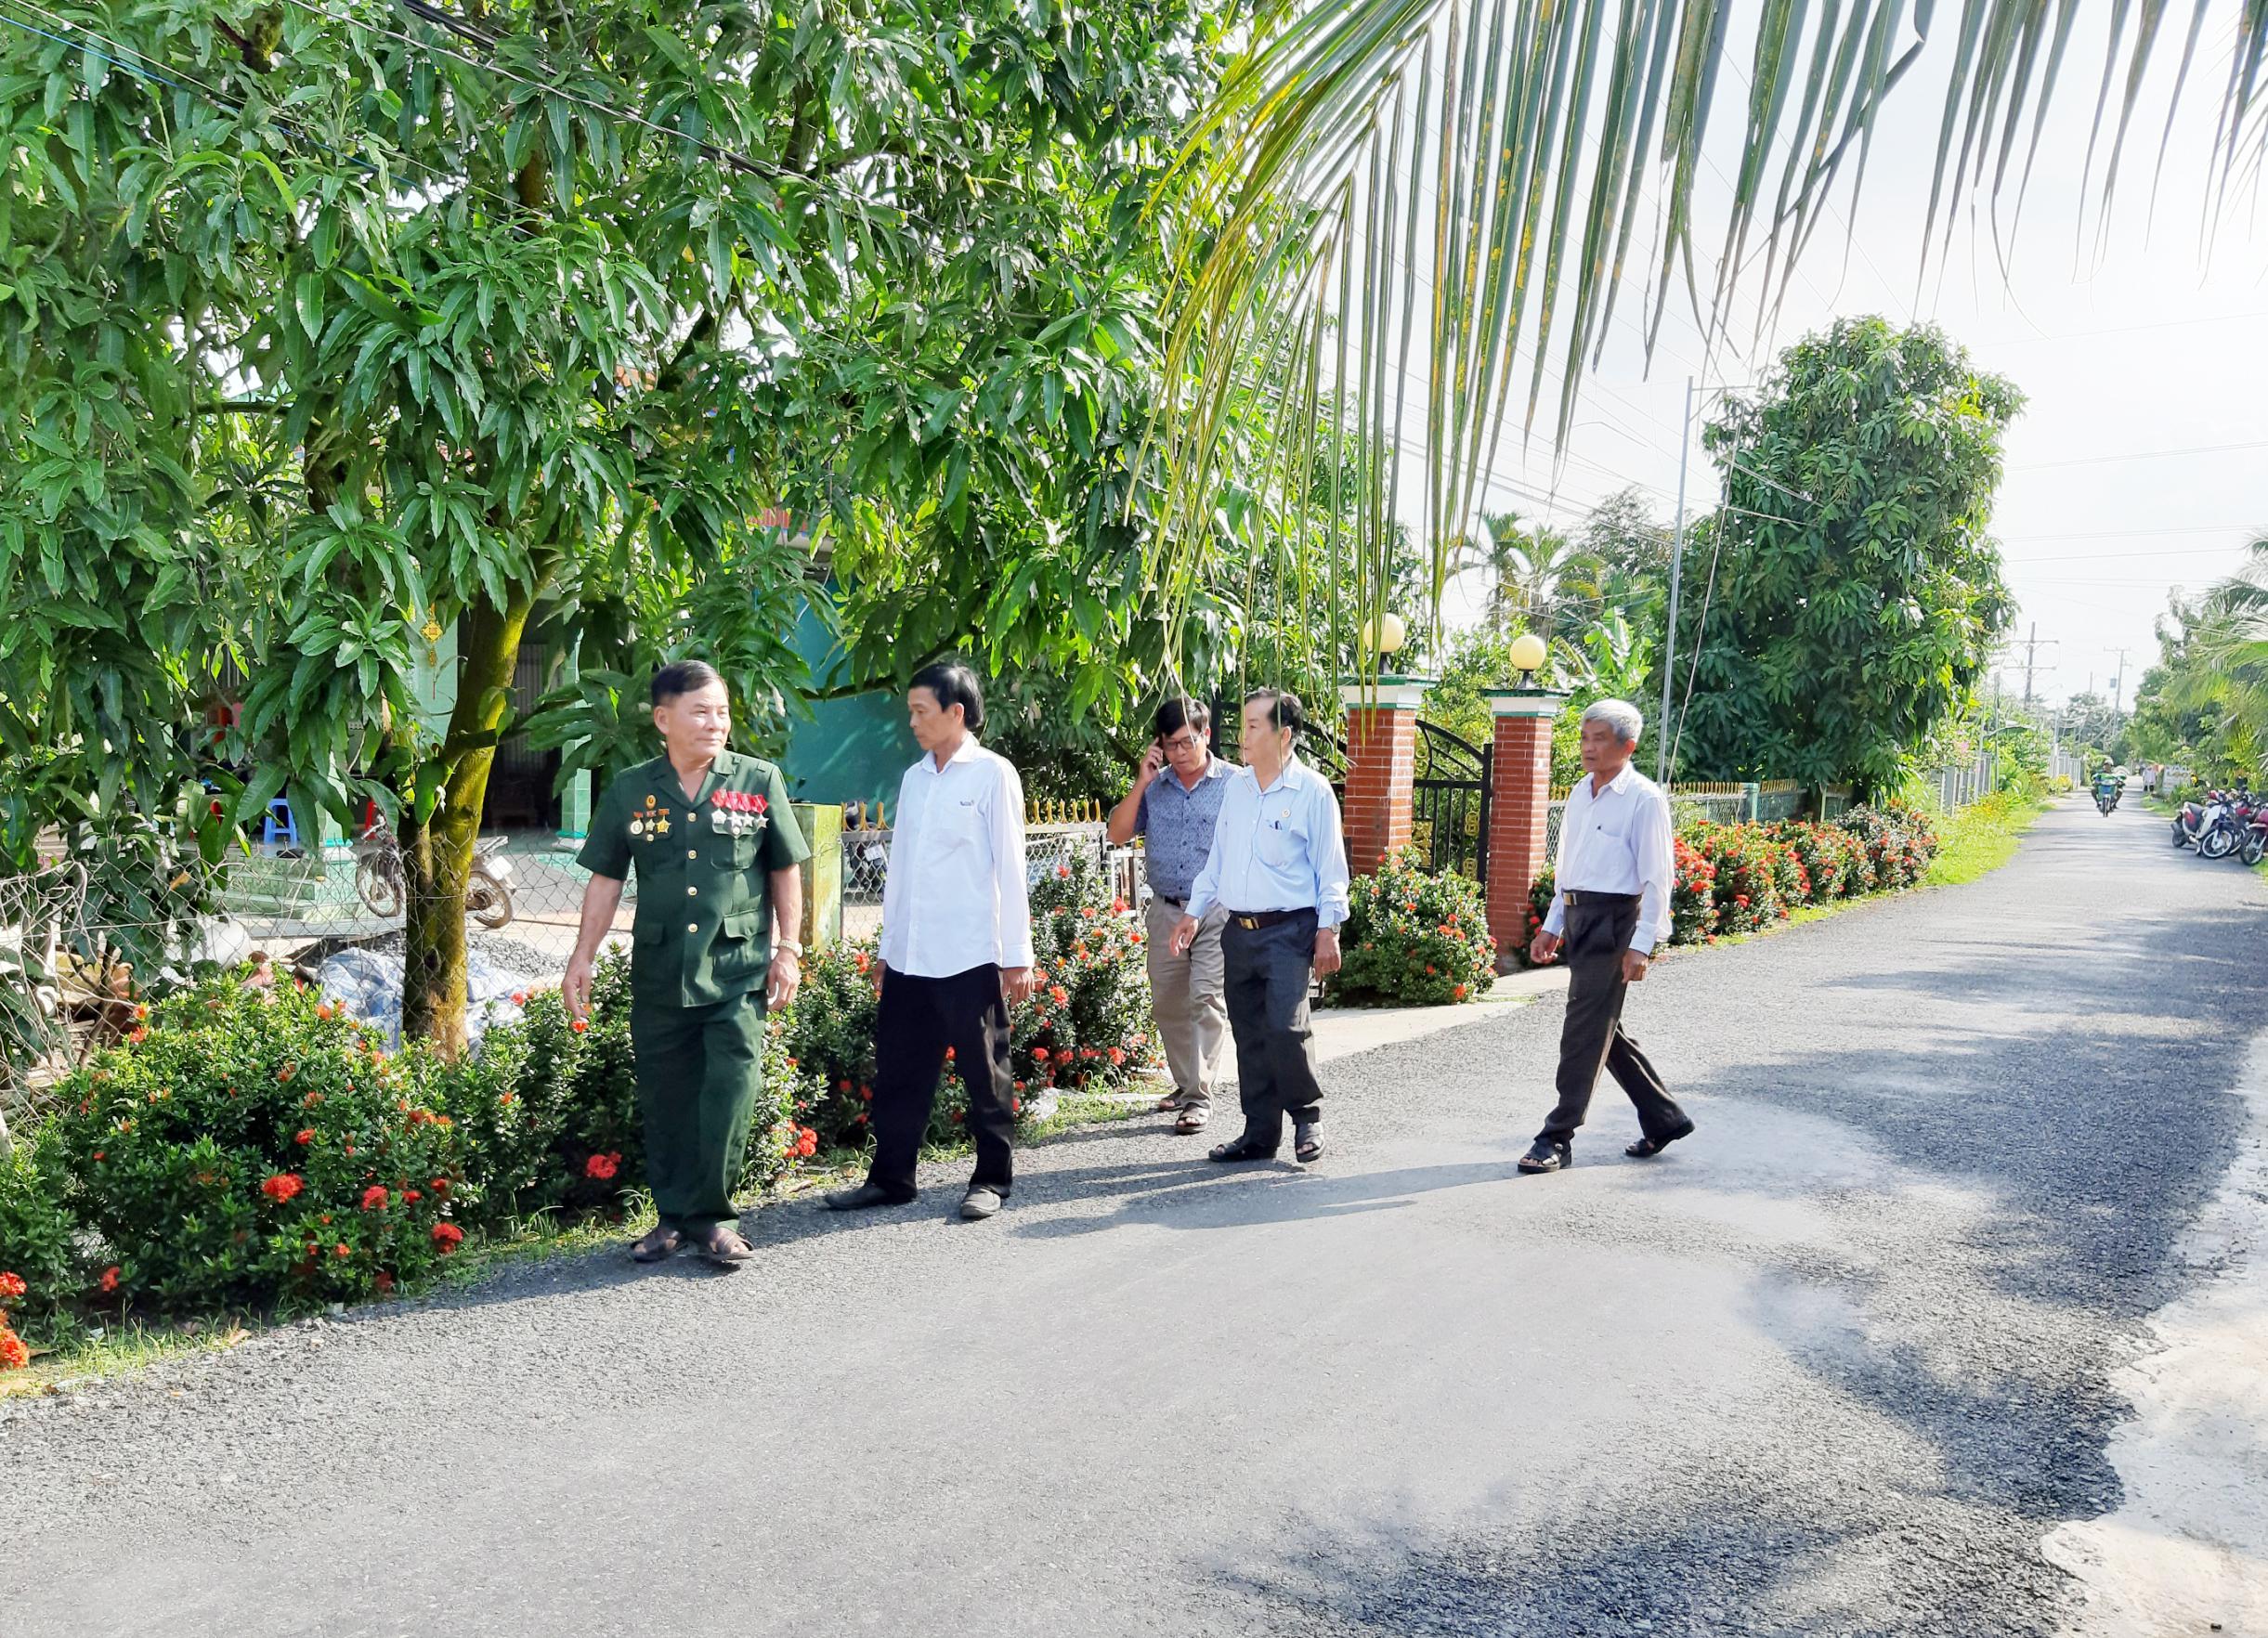 Tuyến đường sáng - xanh - sạch - đẹp do Chi hội CCB ấp Bào Môn, xã Hòa An (huyện Phụng Hiệp) tự quản